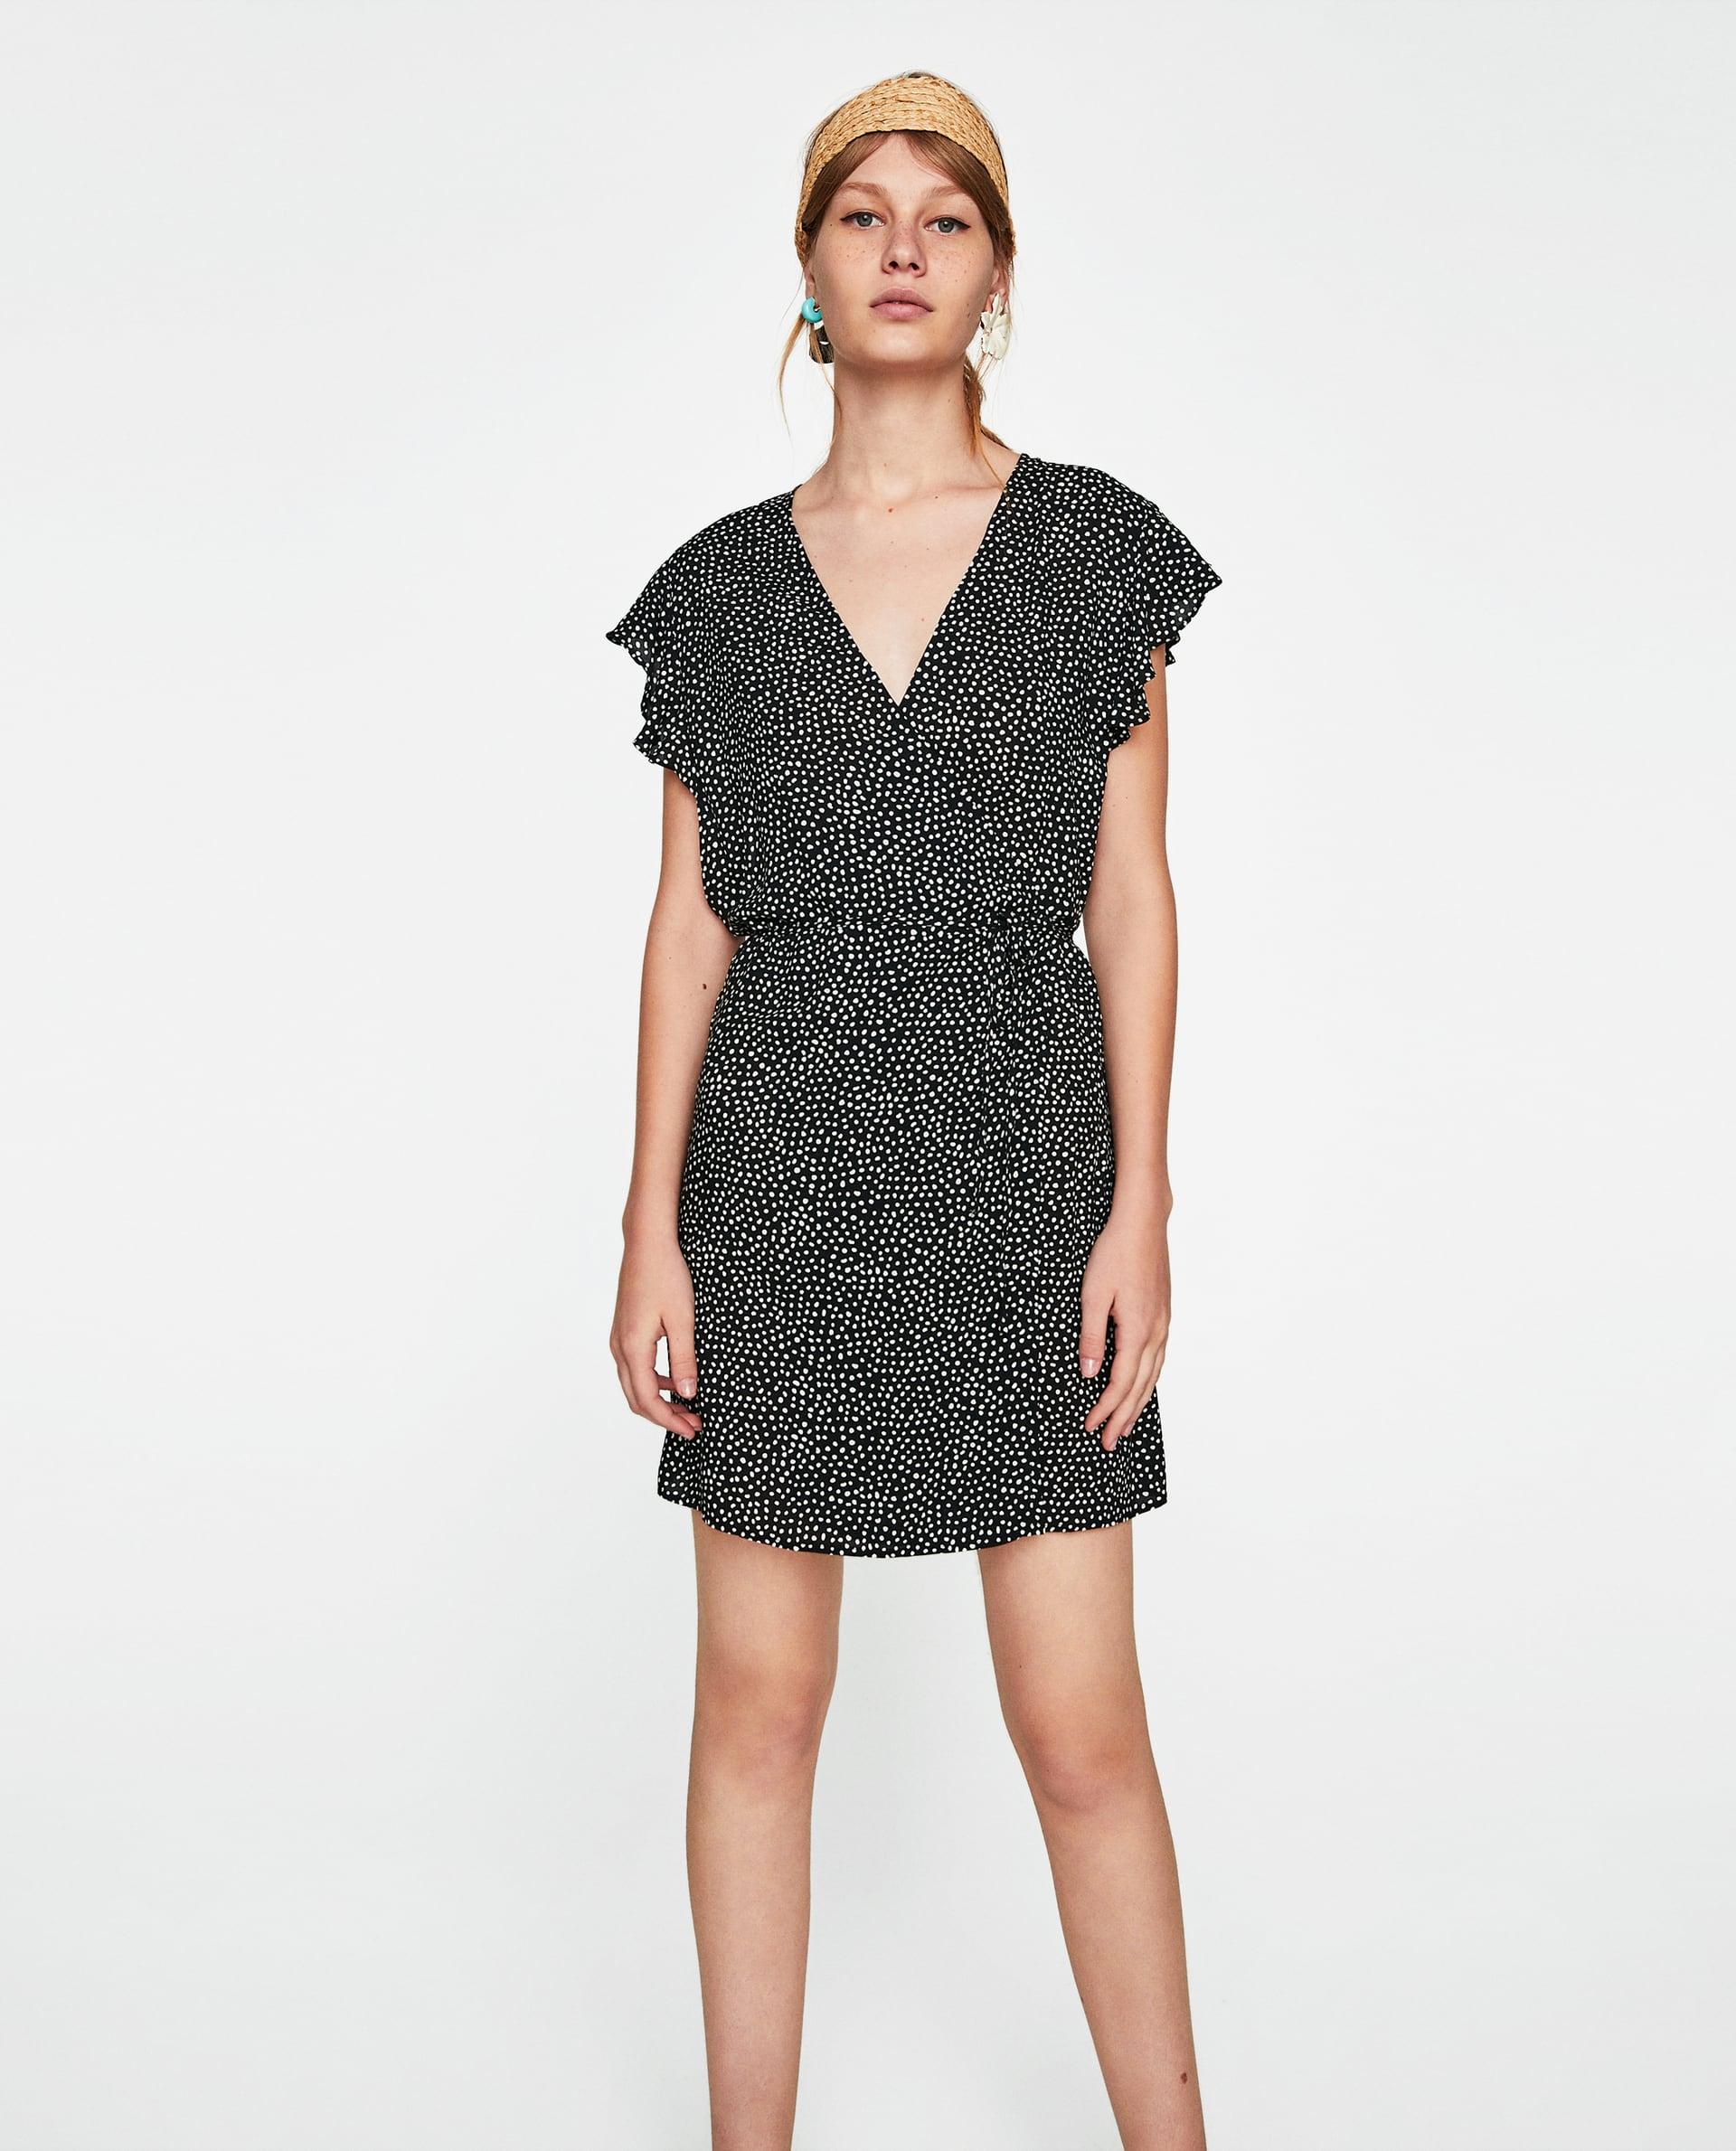 Zara-POLKA-DOT-WRAP-DRESS.jpg